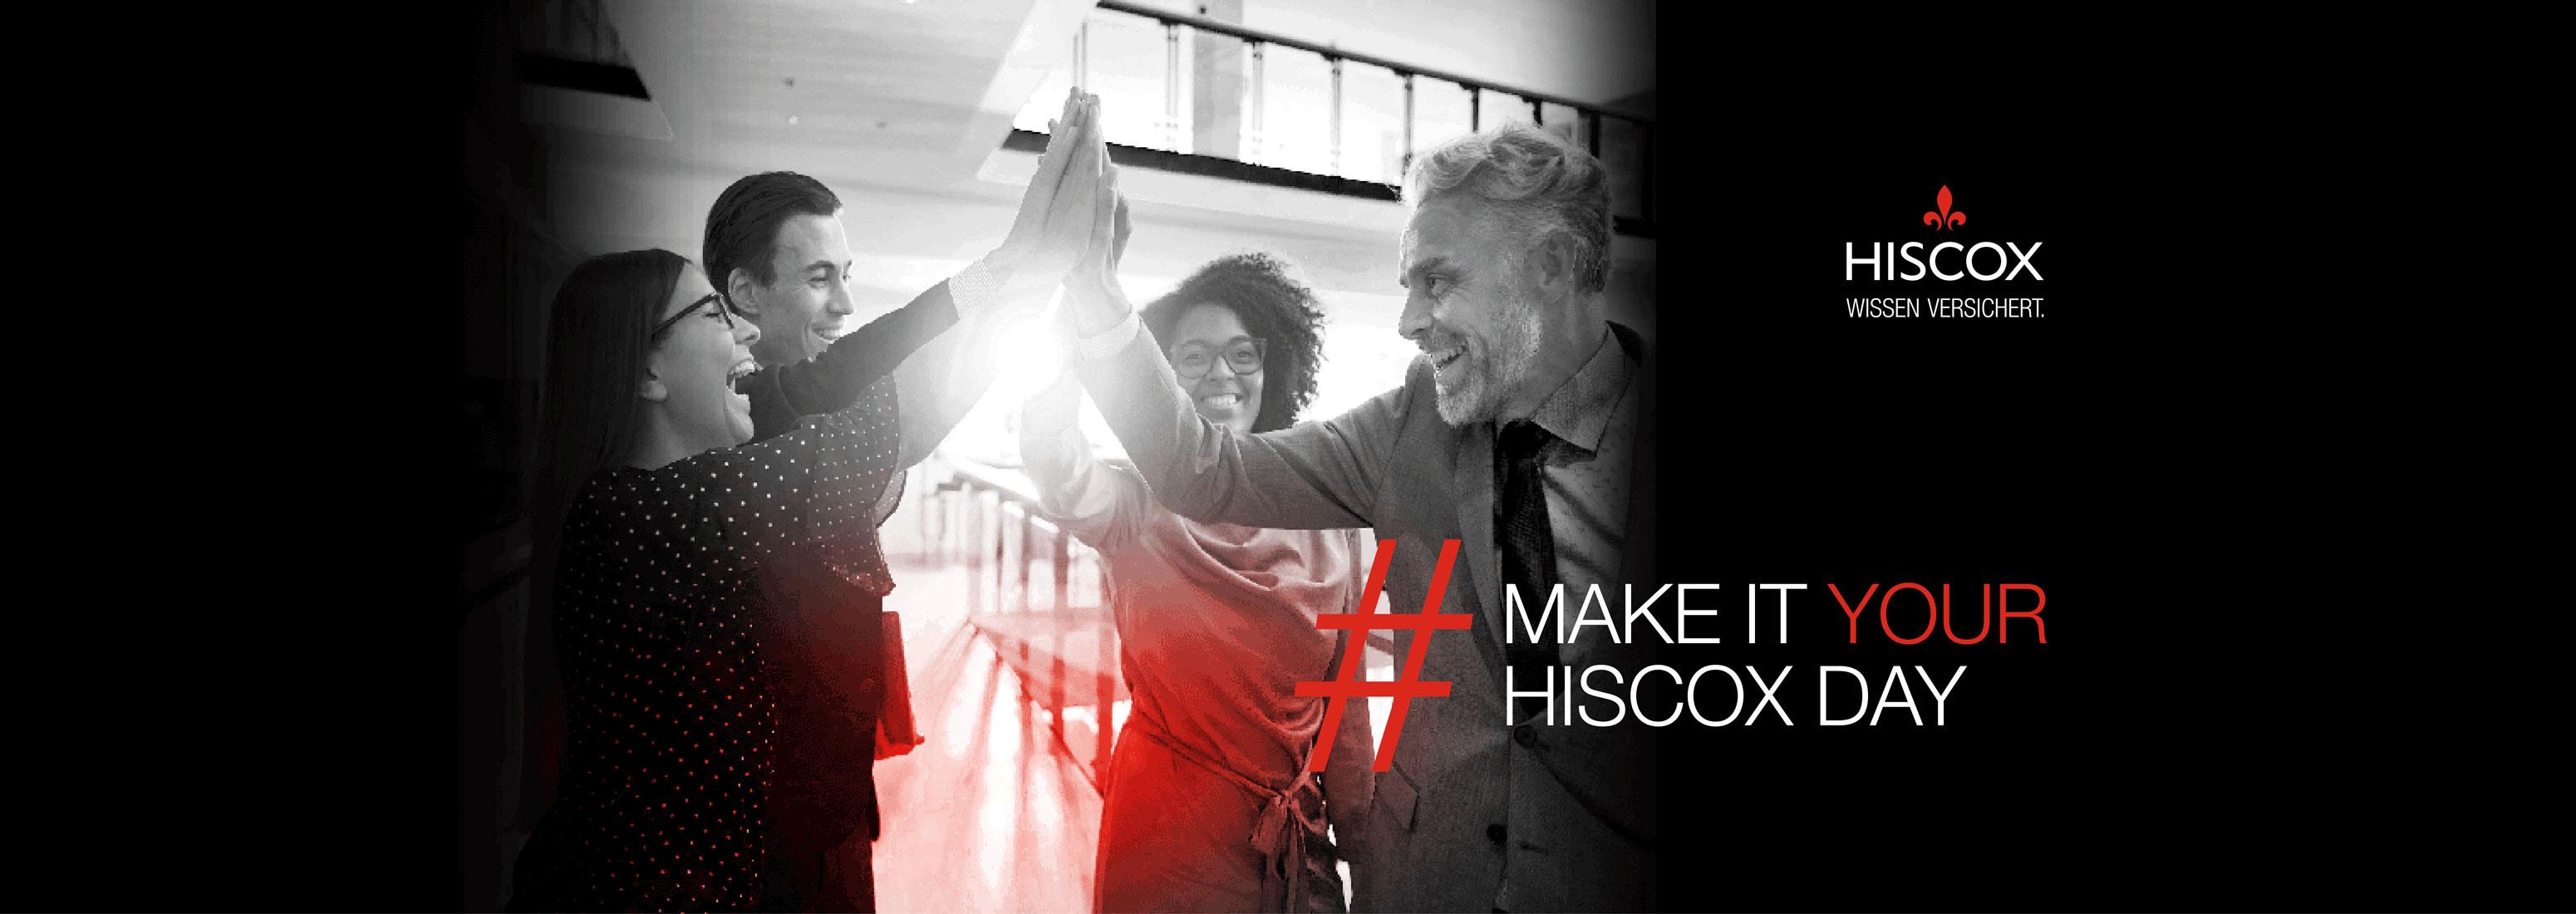 Digitales Makler Event für Hiscox Versicherung - Event